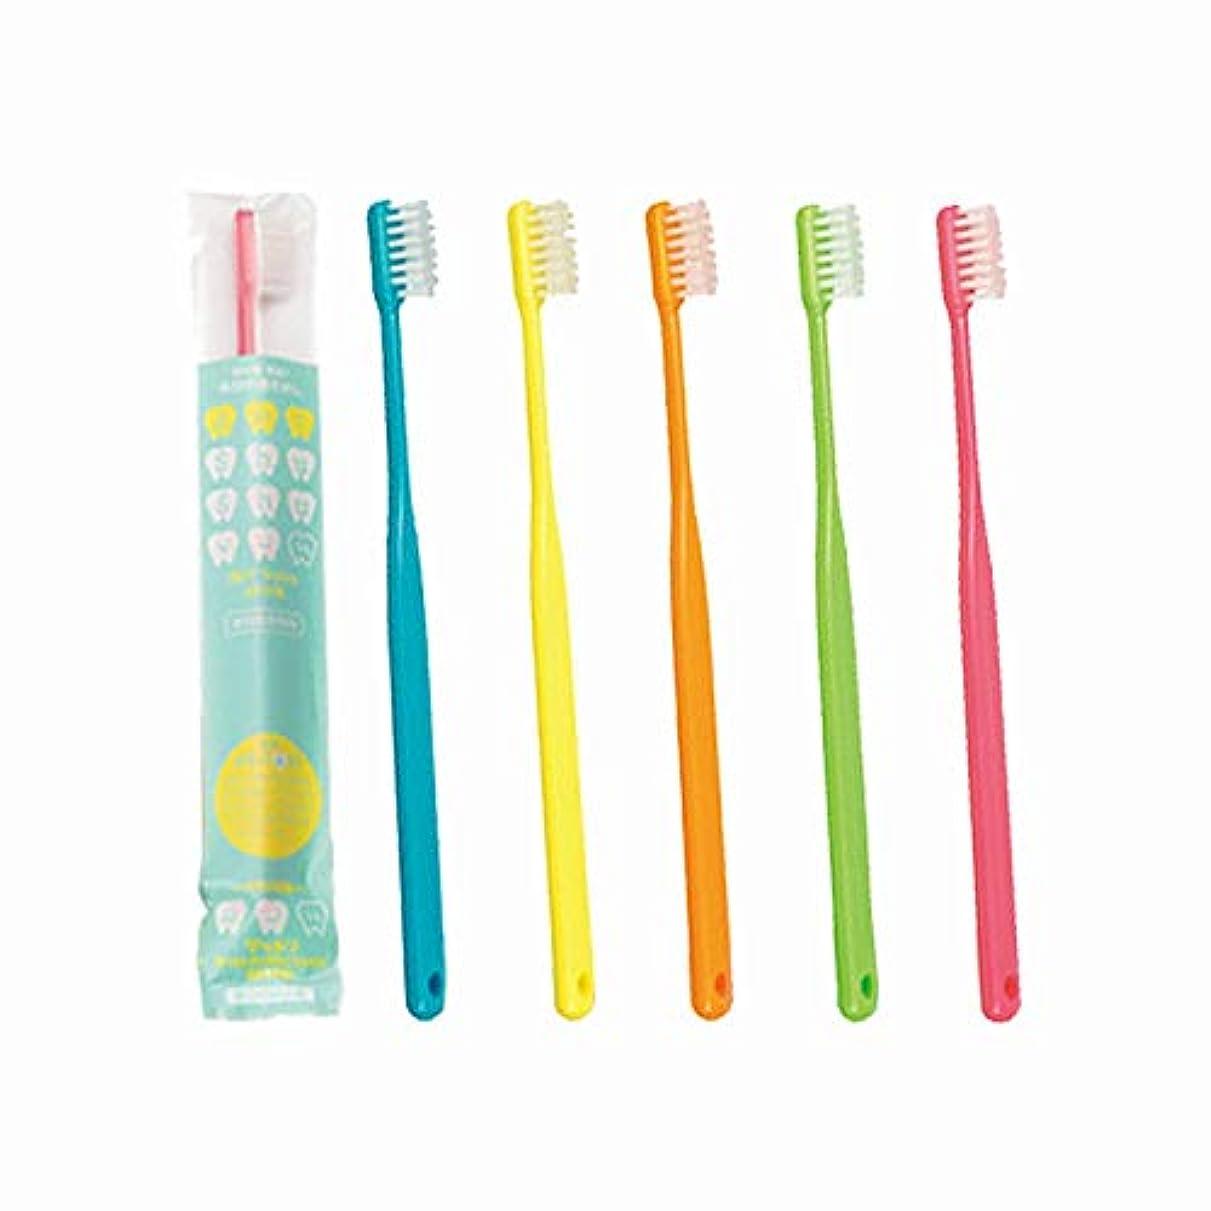 スプレーグレード提案大人用歯ブラシ 歯科専売品 FEED(フィード) 占い!Shu Shu(うらないシュシュ)歯ブラシ×10本 (ふつう(M), 色はおまかせ)